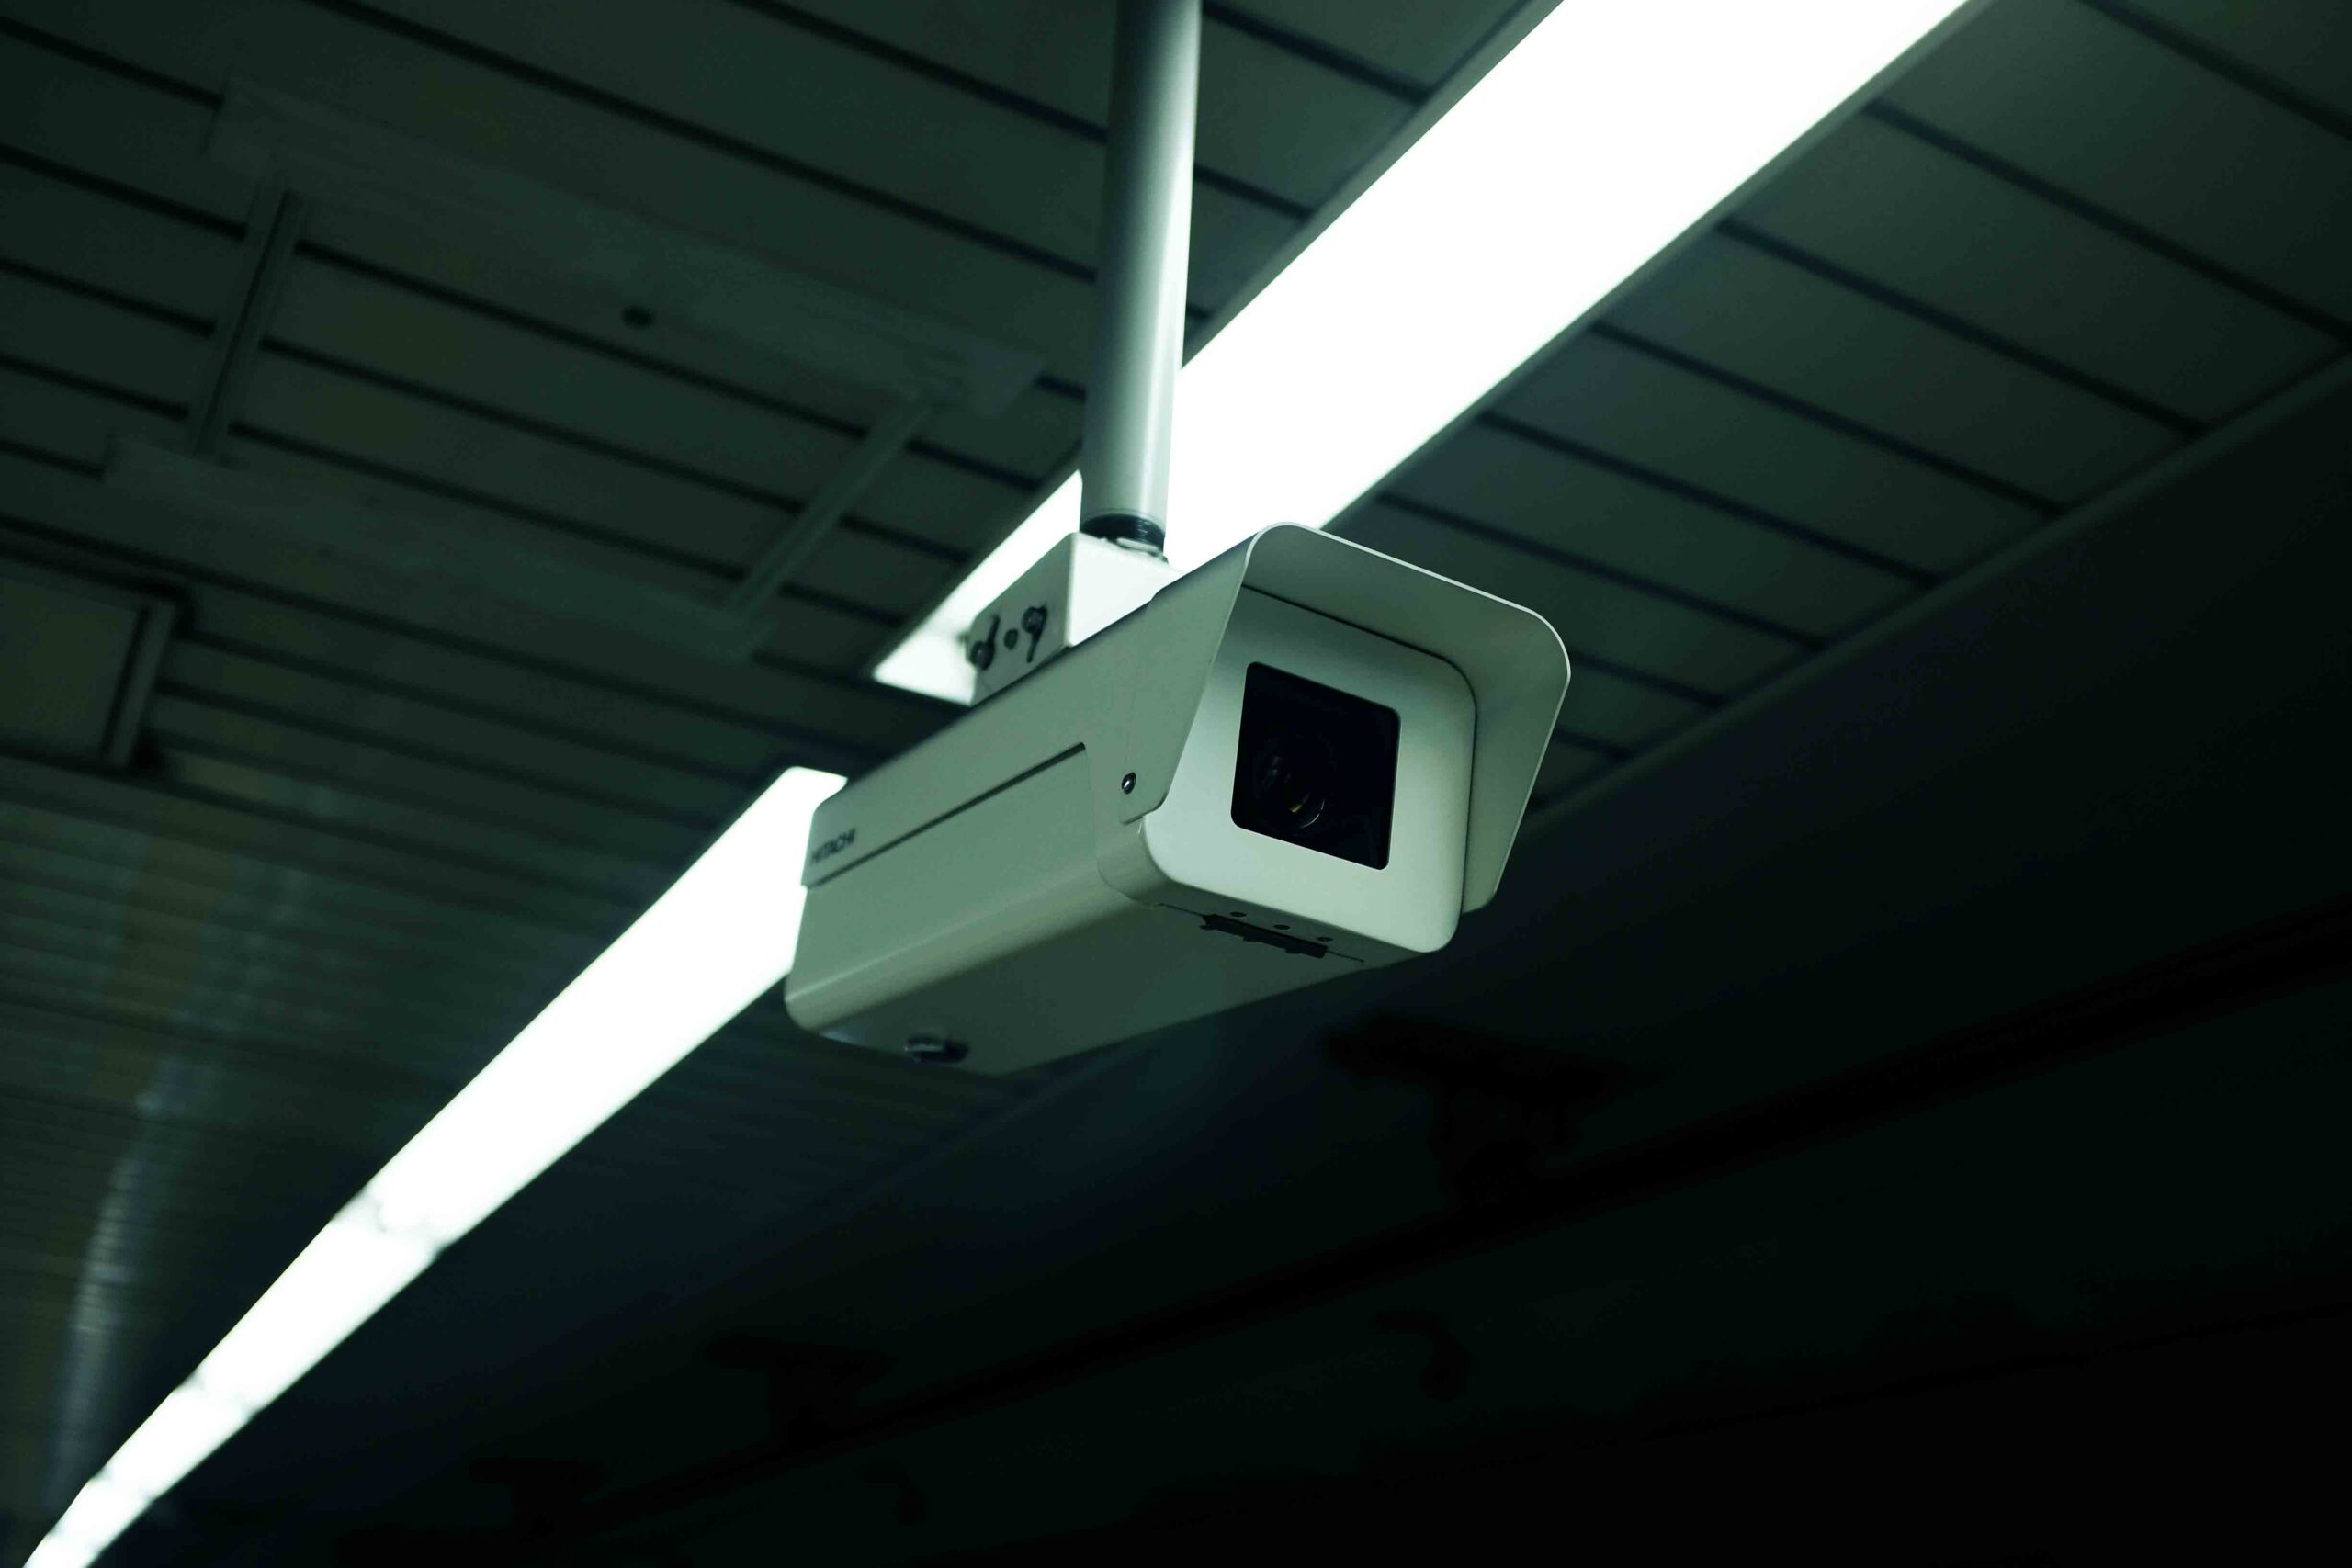 Vigilancia CCTV cámara de seguridad: resolución correcta . La seguridad empresarial y los sistemas de gestión en una empresa - Por Redacción Espacio Armas.